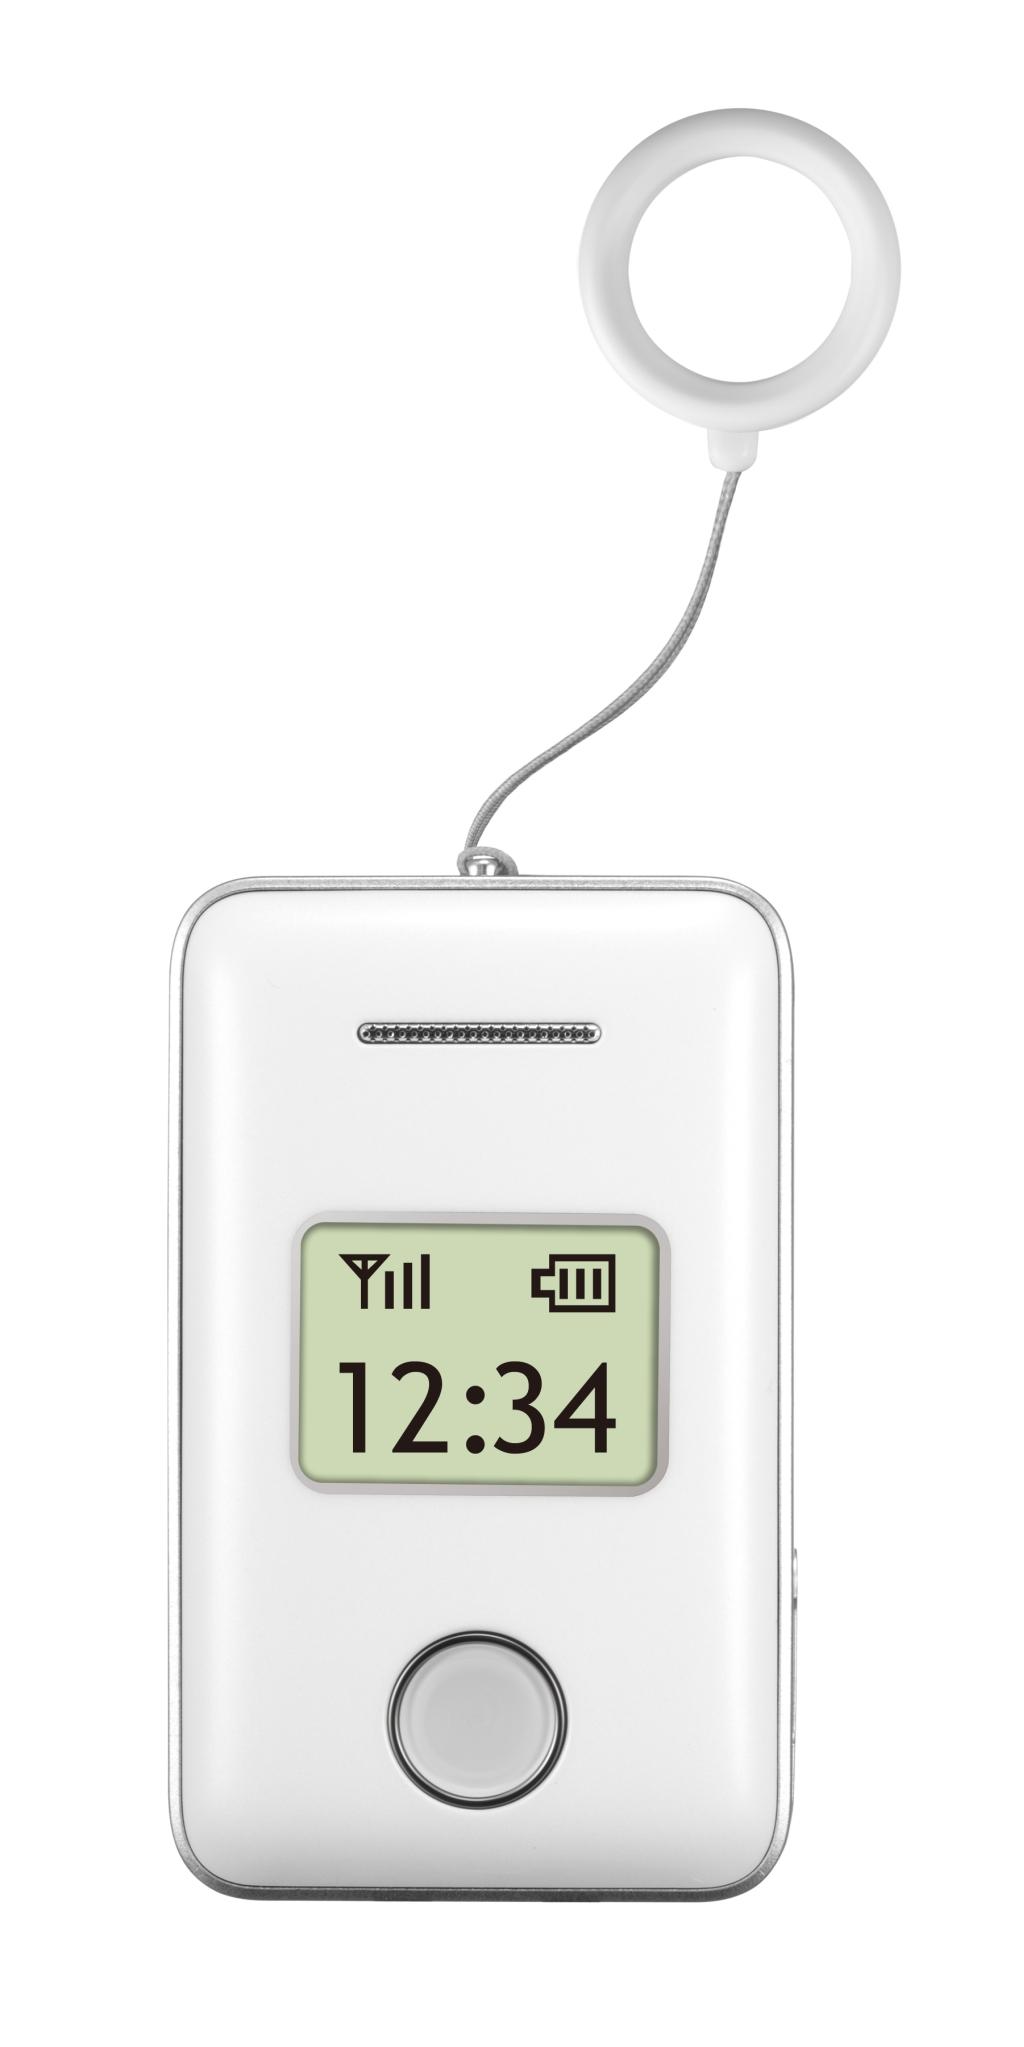 クラウドシステムを活用 日本初の夜間対応型訪問介護オペレーションセンター 2011年7月1日開設 ソフトバンク「みまもりケータイ」と連動、ボタン一つで24時間通報可能